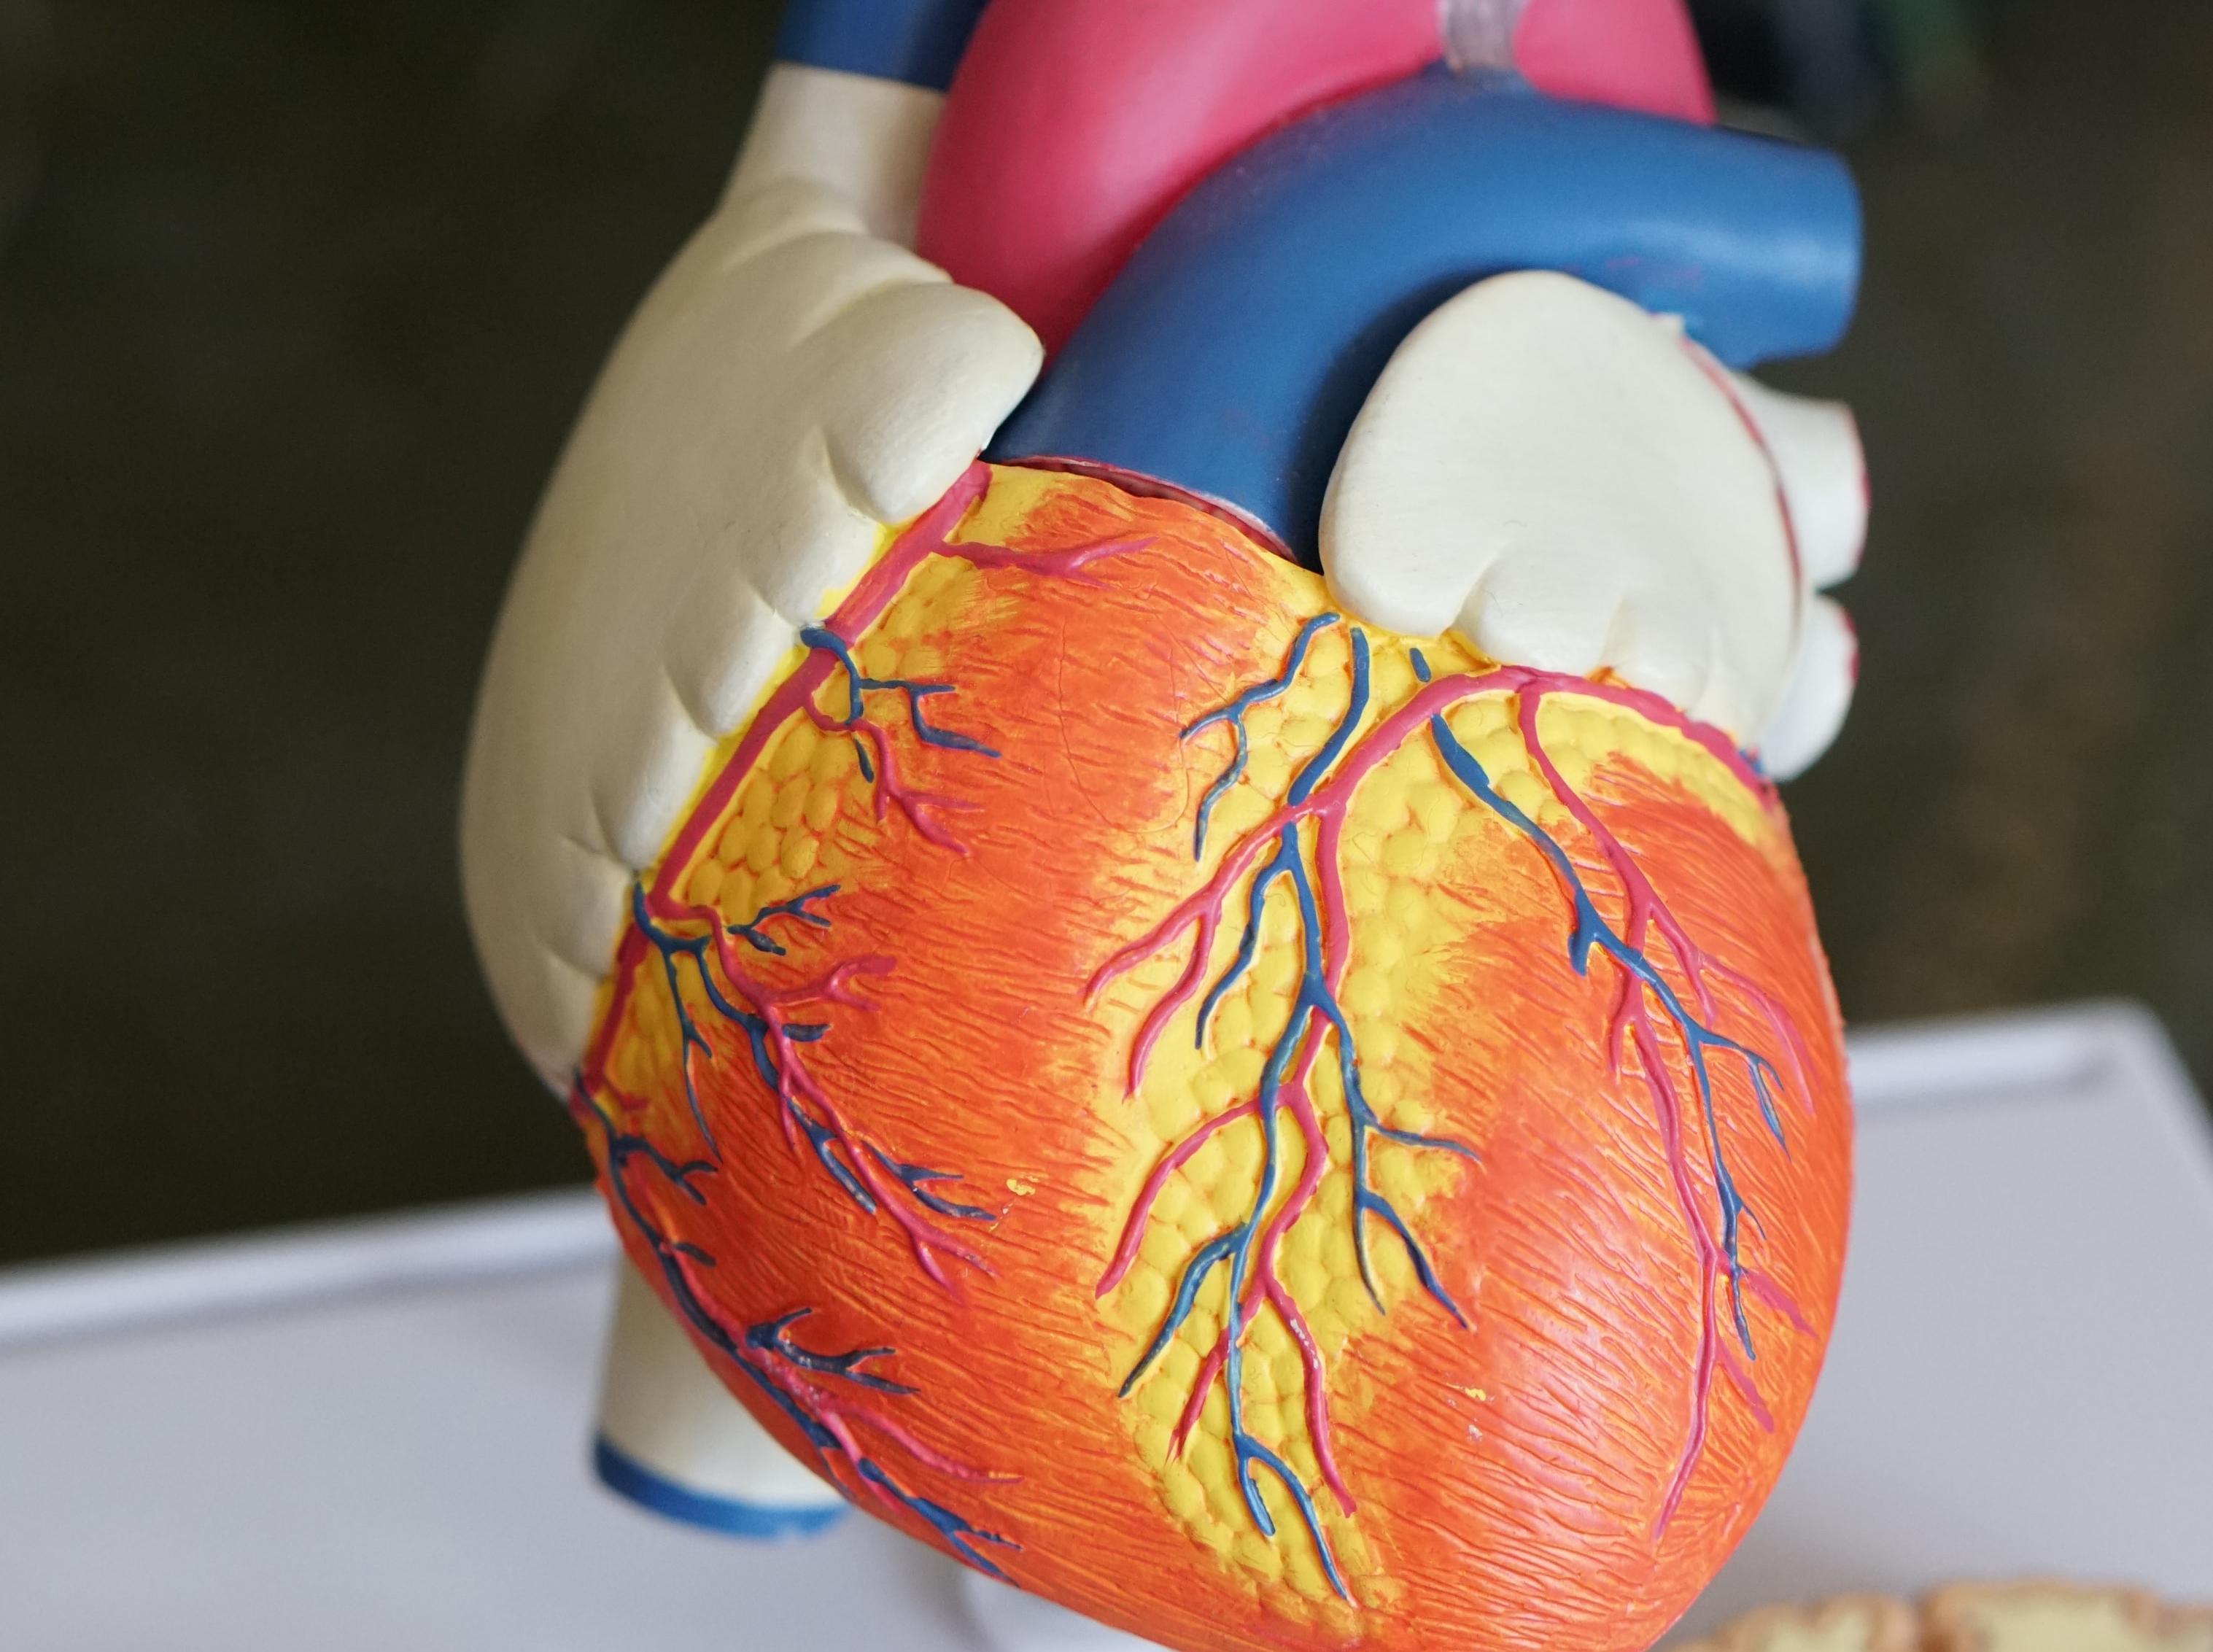 Blutgefäße und Training